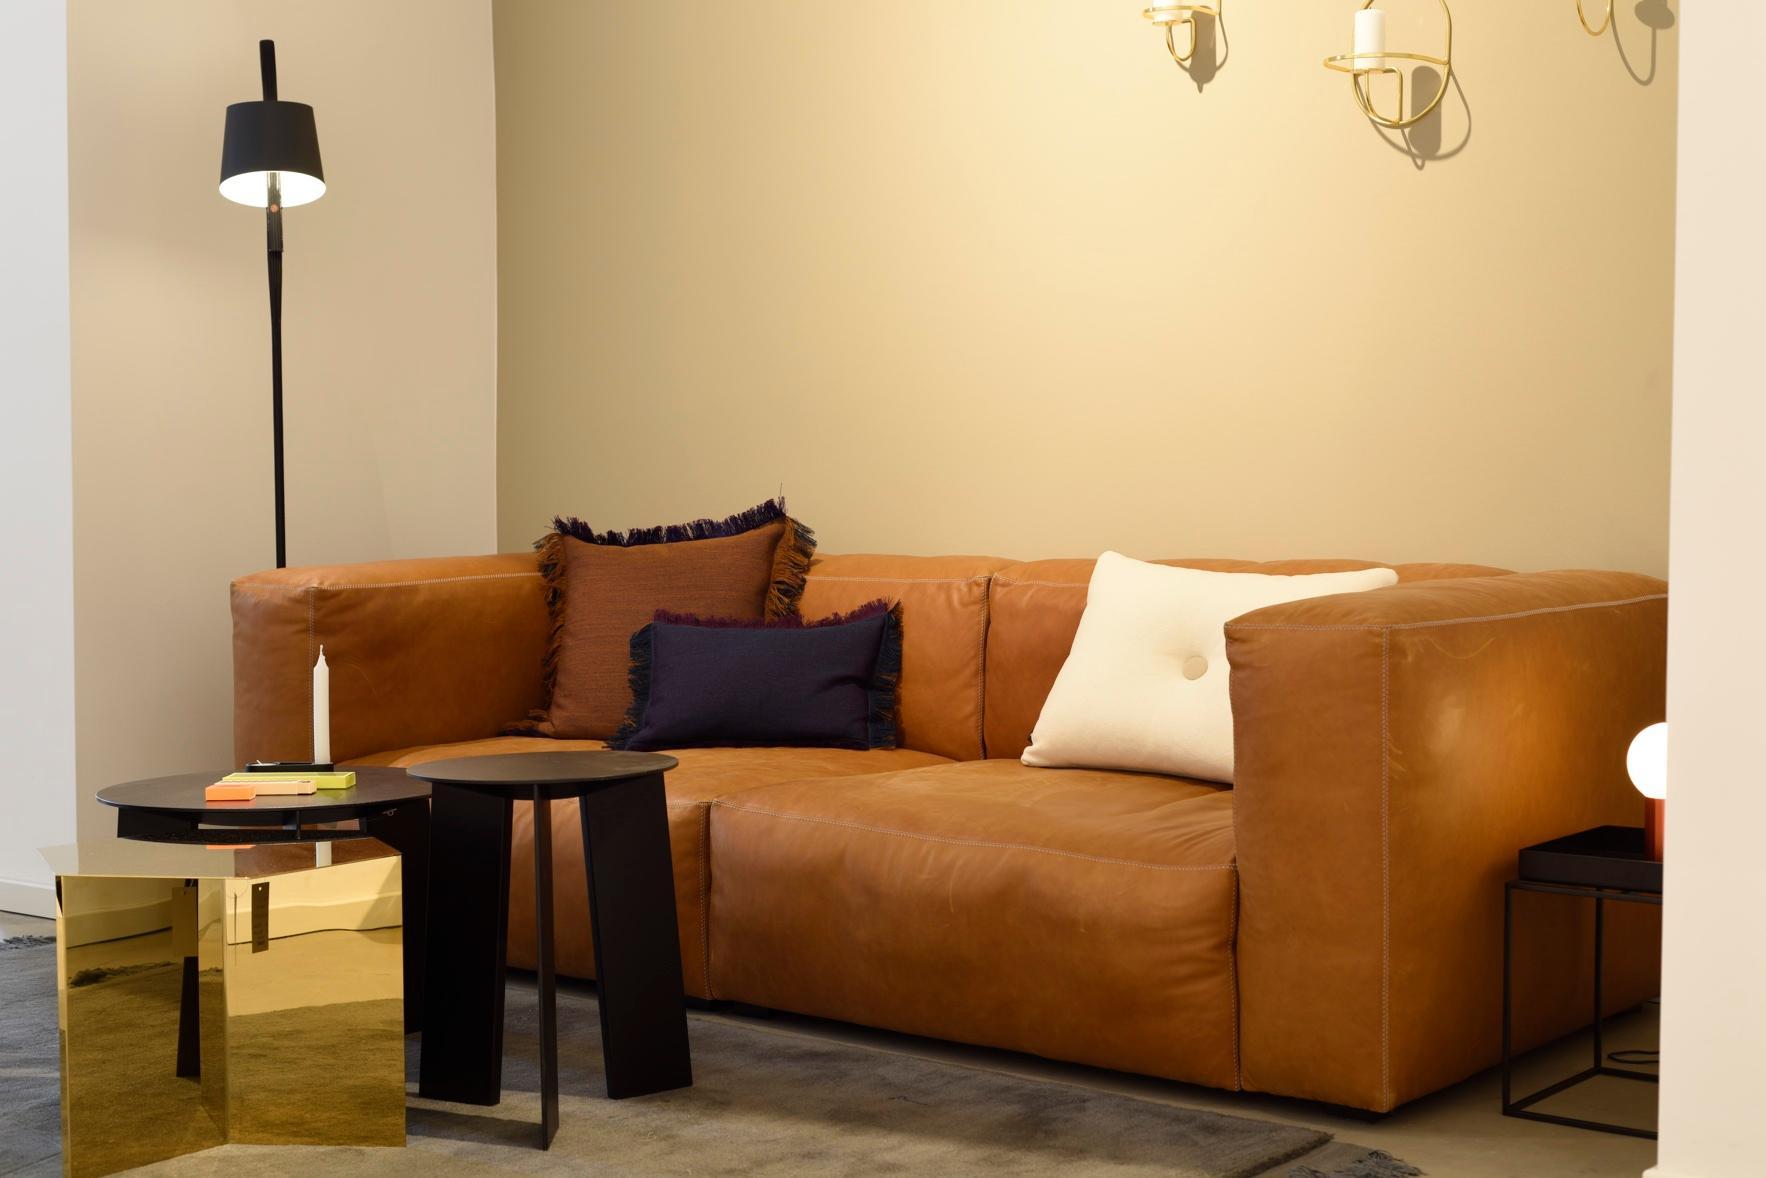 Cognacfarbenes Ledersofa Bilder Ideen Couch